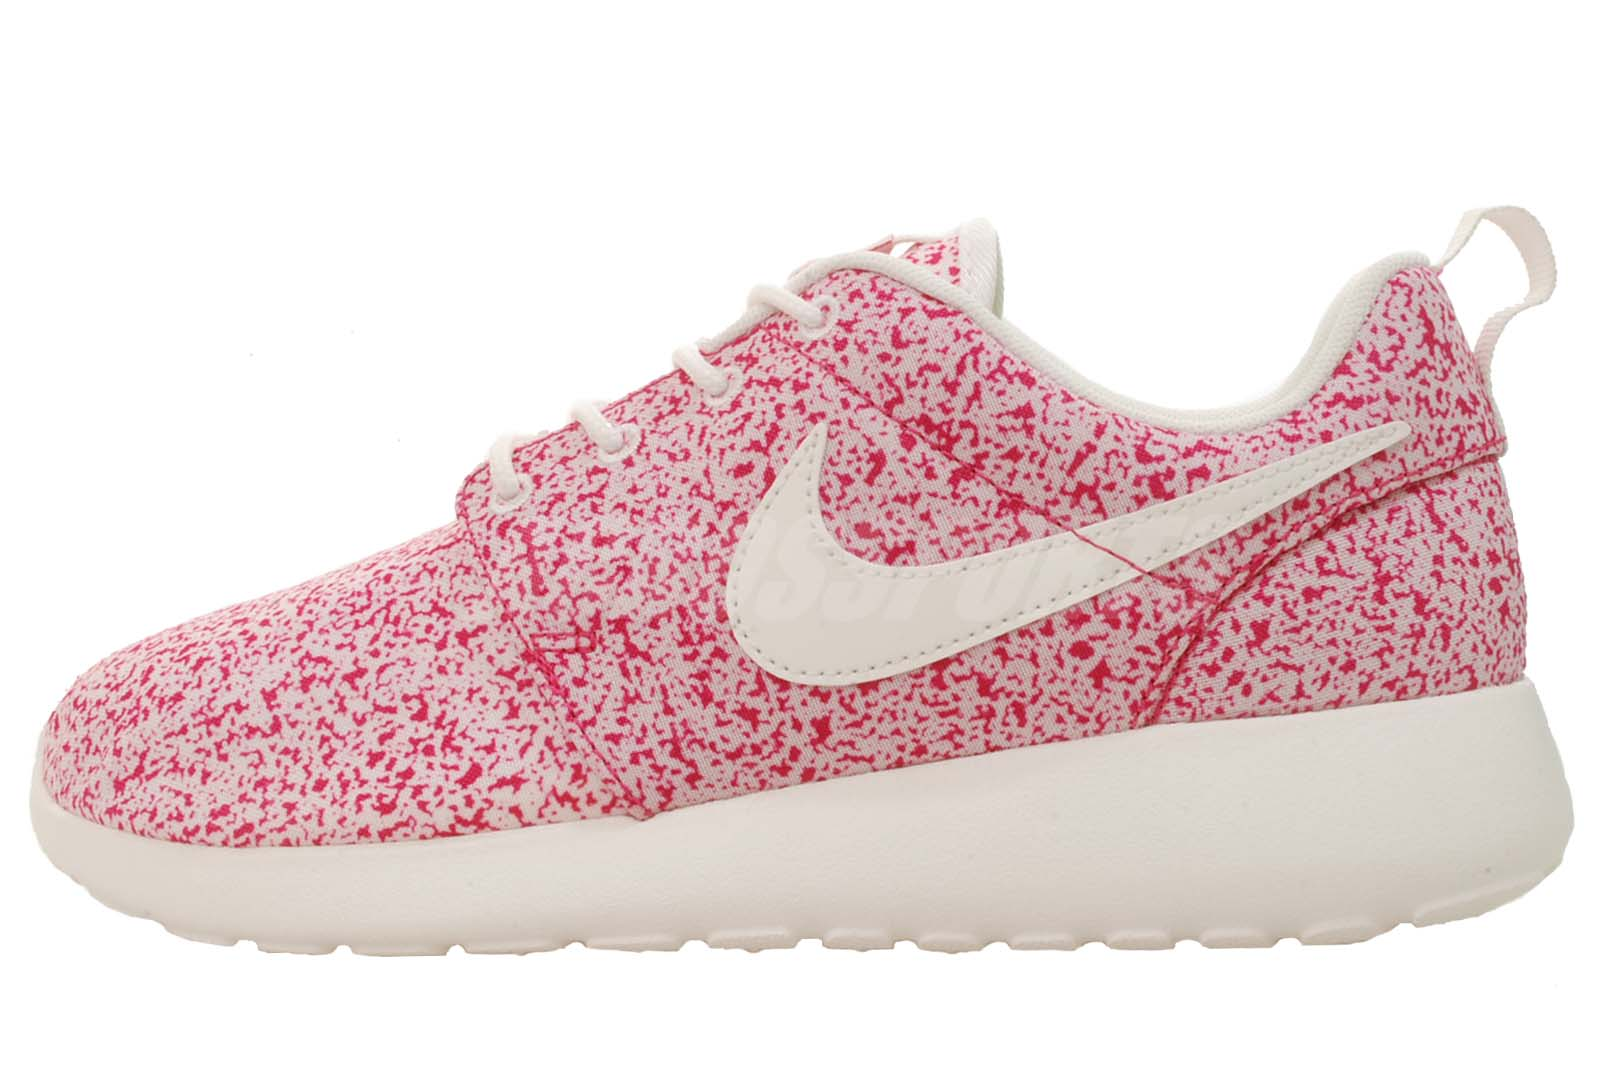 Luxury Roshe Run Shoes Women